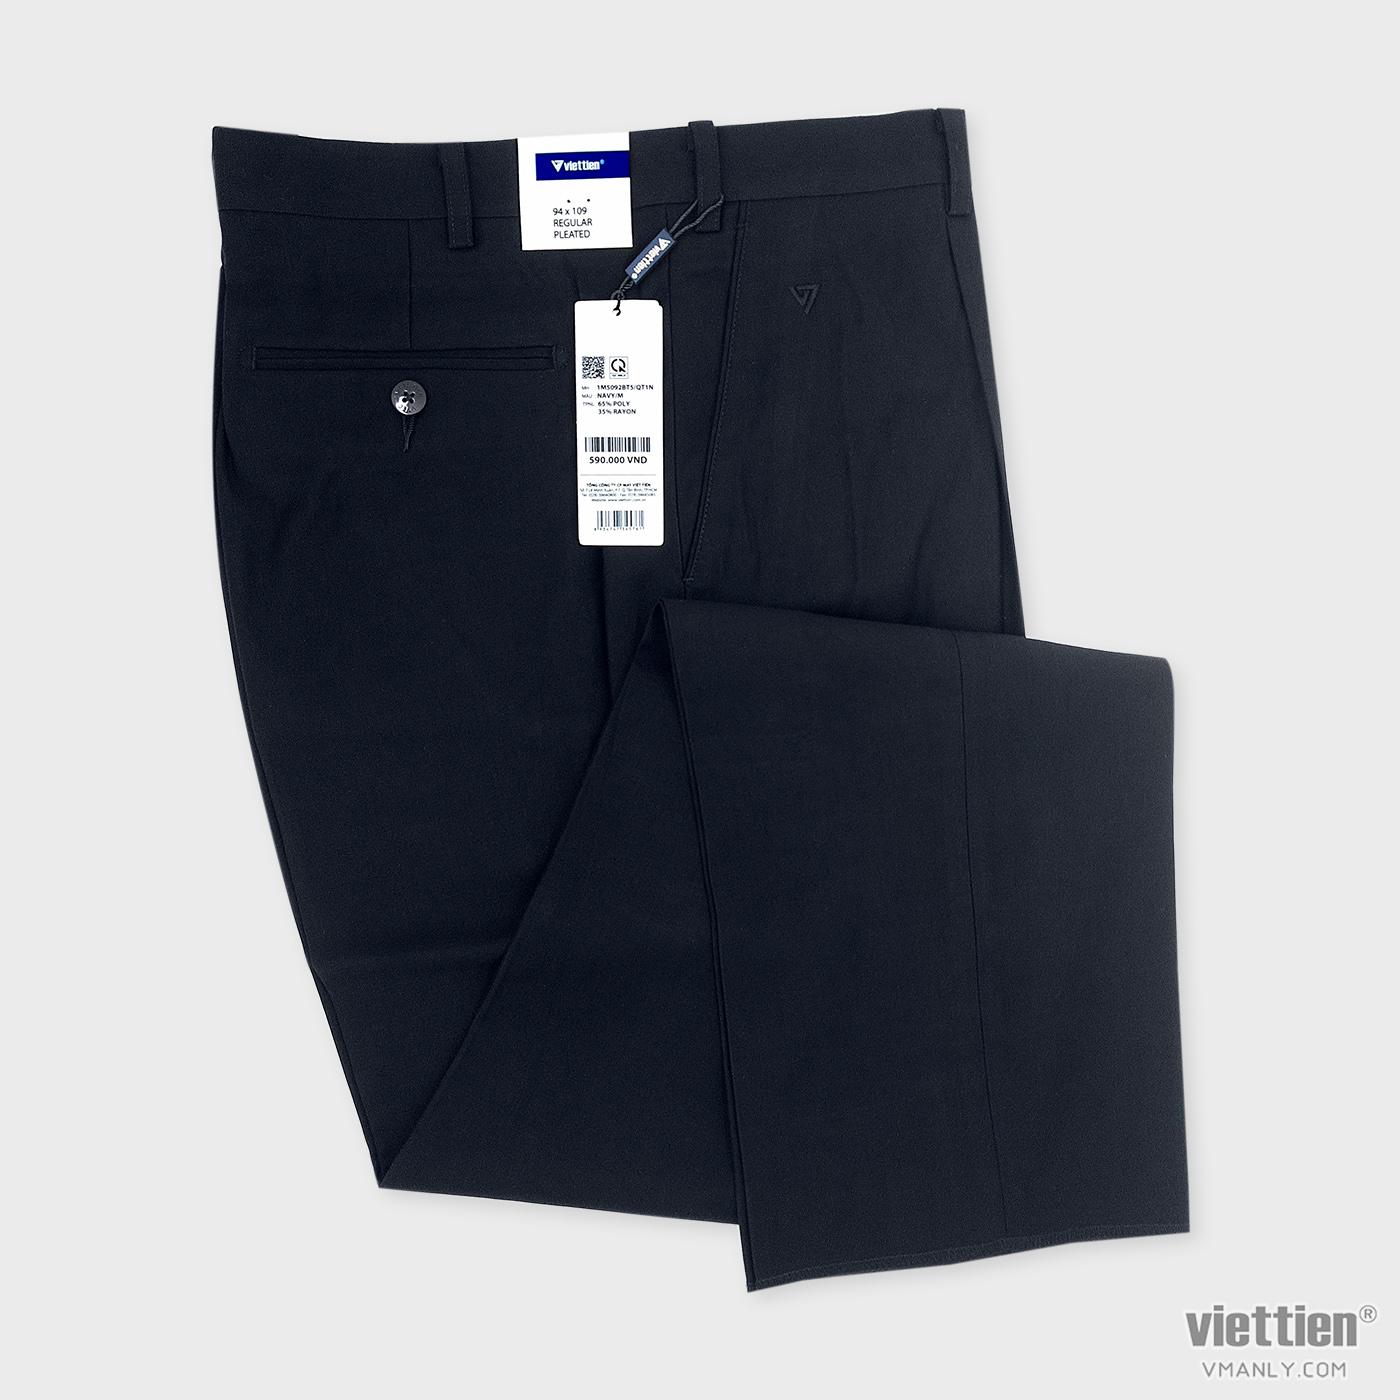 Quần tây Việt Tiến cỡ lớn có ly regular màu xanh navy 1M5092BT5/QT1N